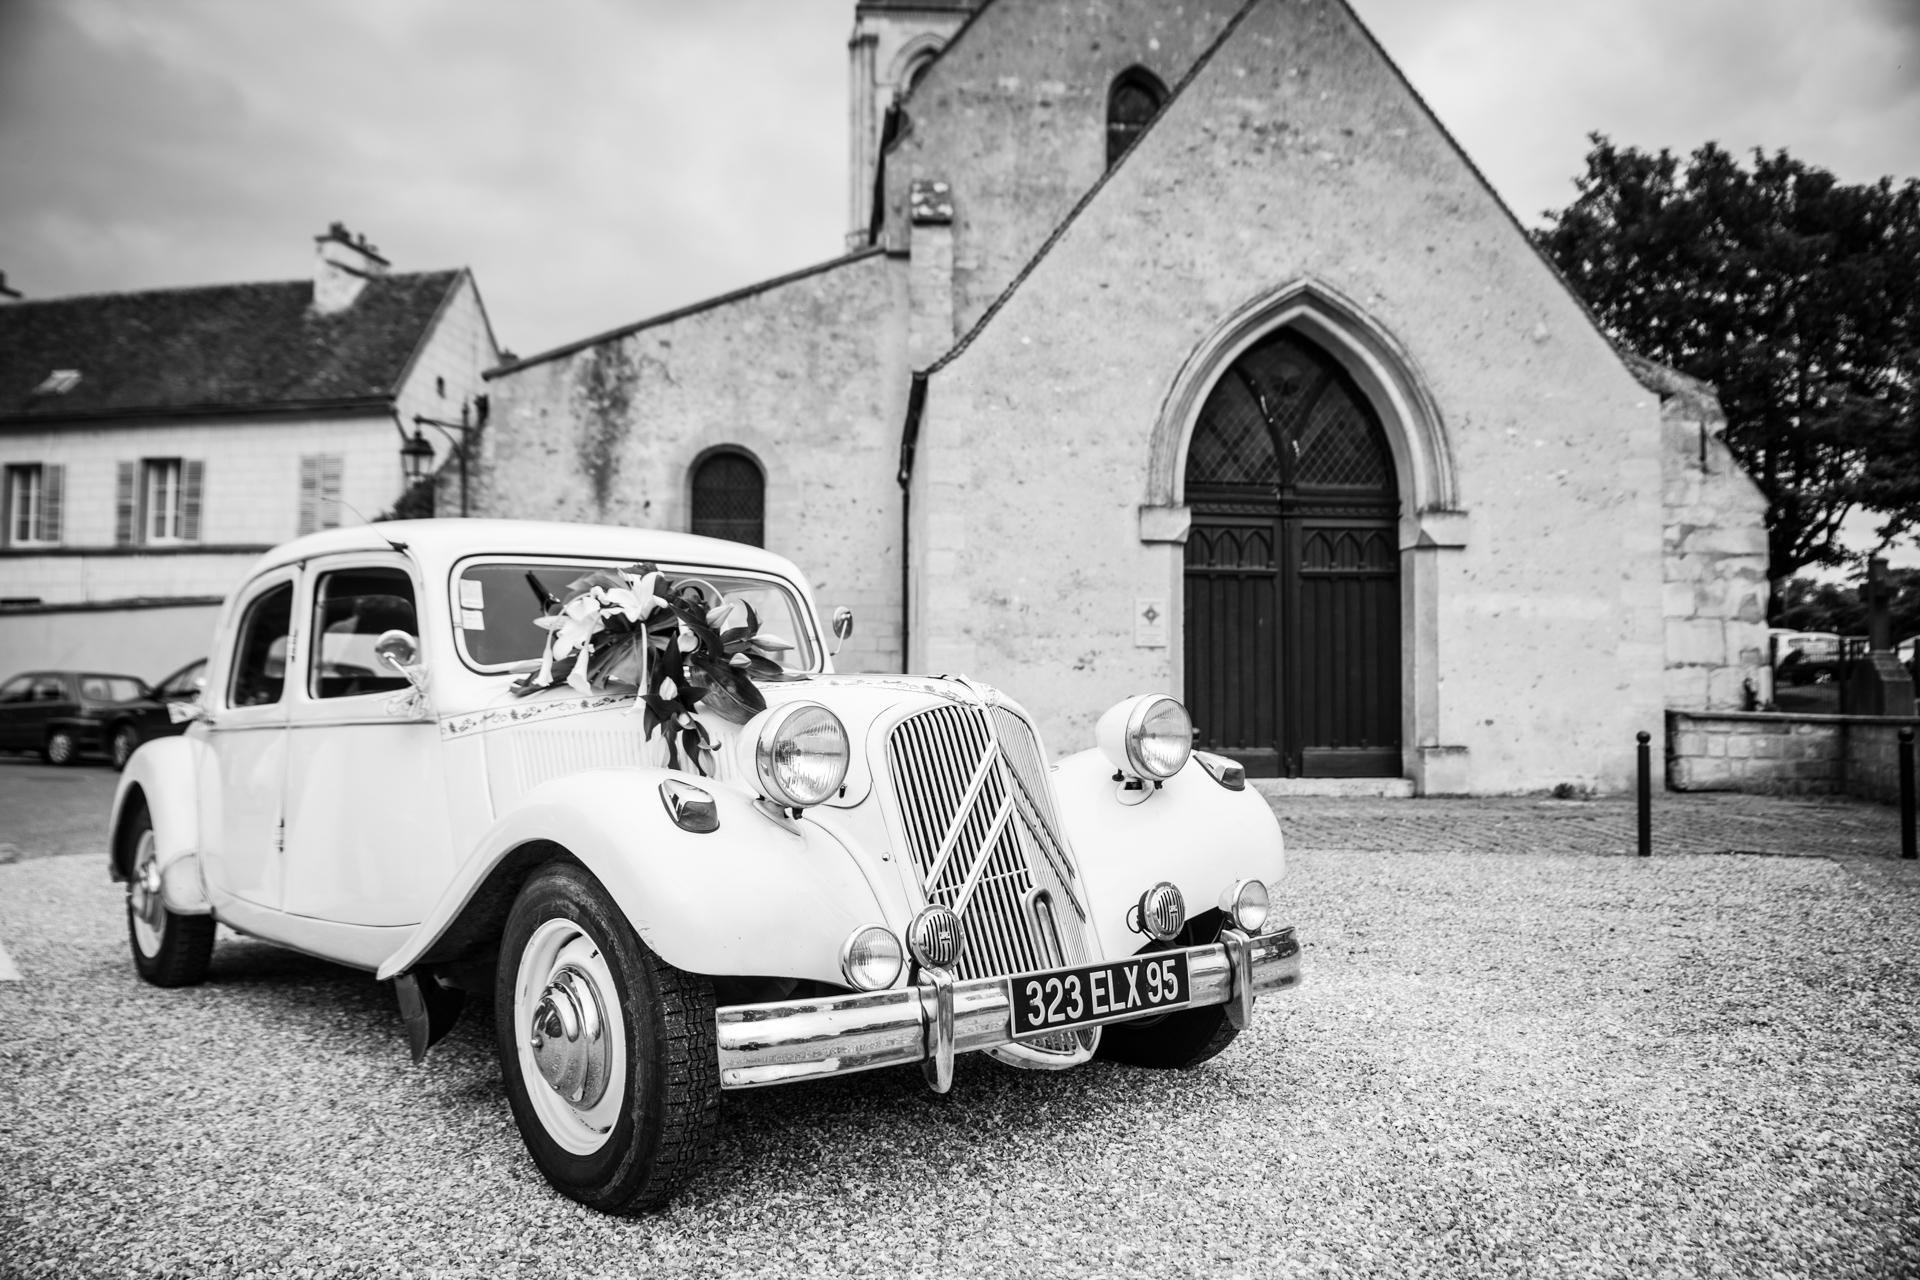 Photo NB avec voiture lors d'un mariage